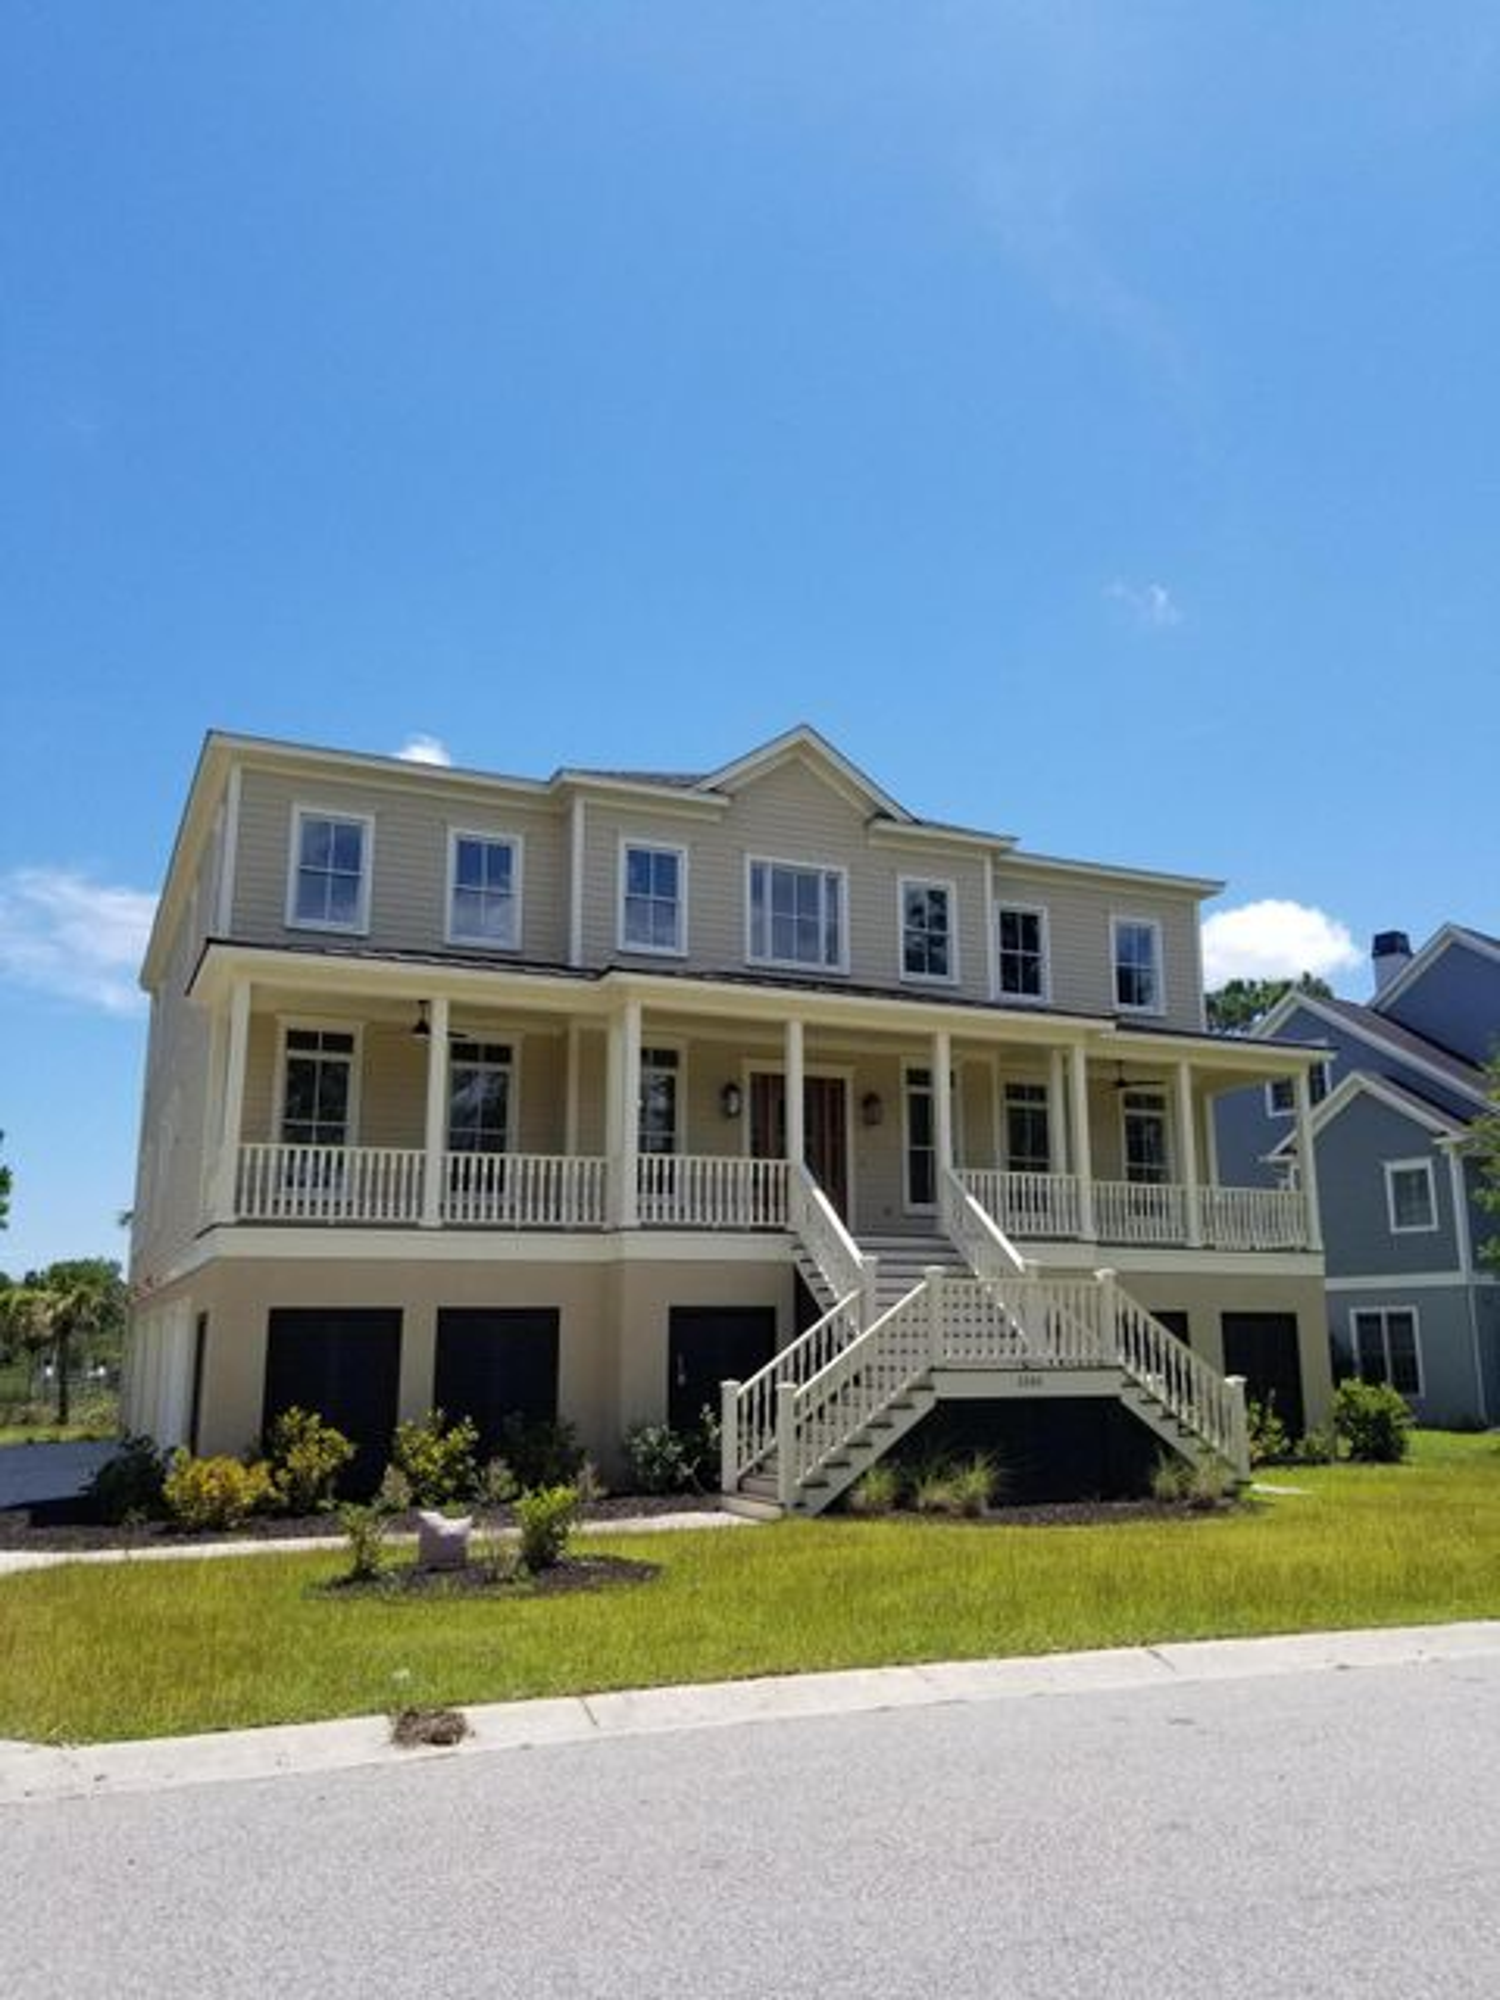 Park West Homes For Sale - 2260 Beckenham, Mount Pleasant, SC - 0